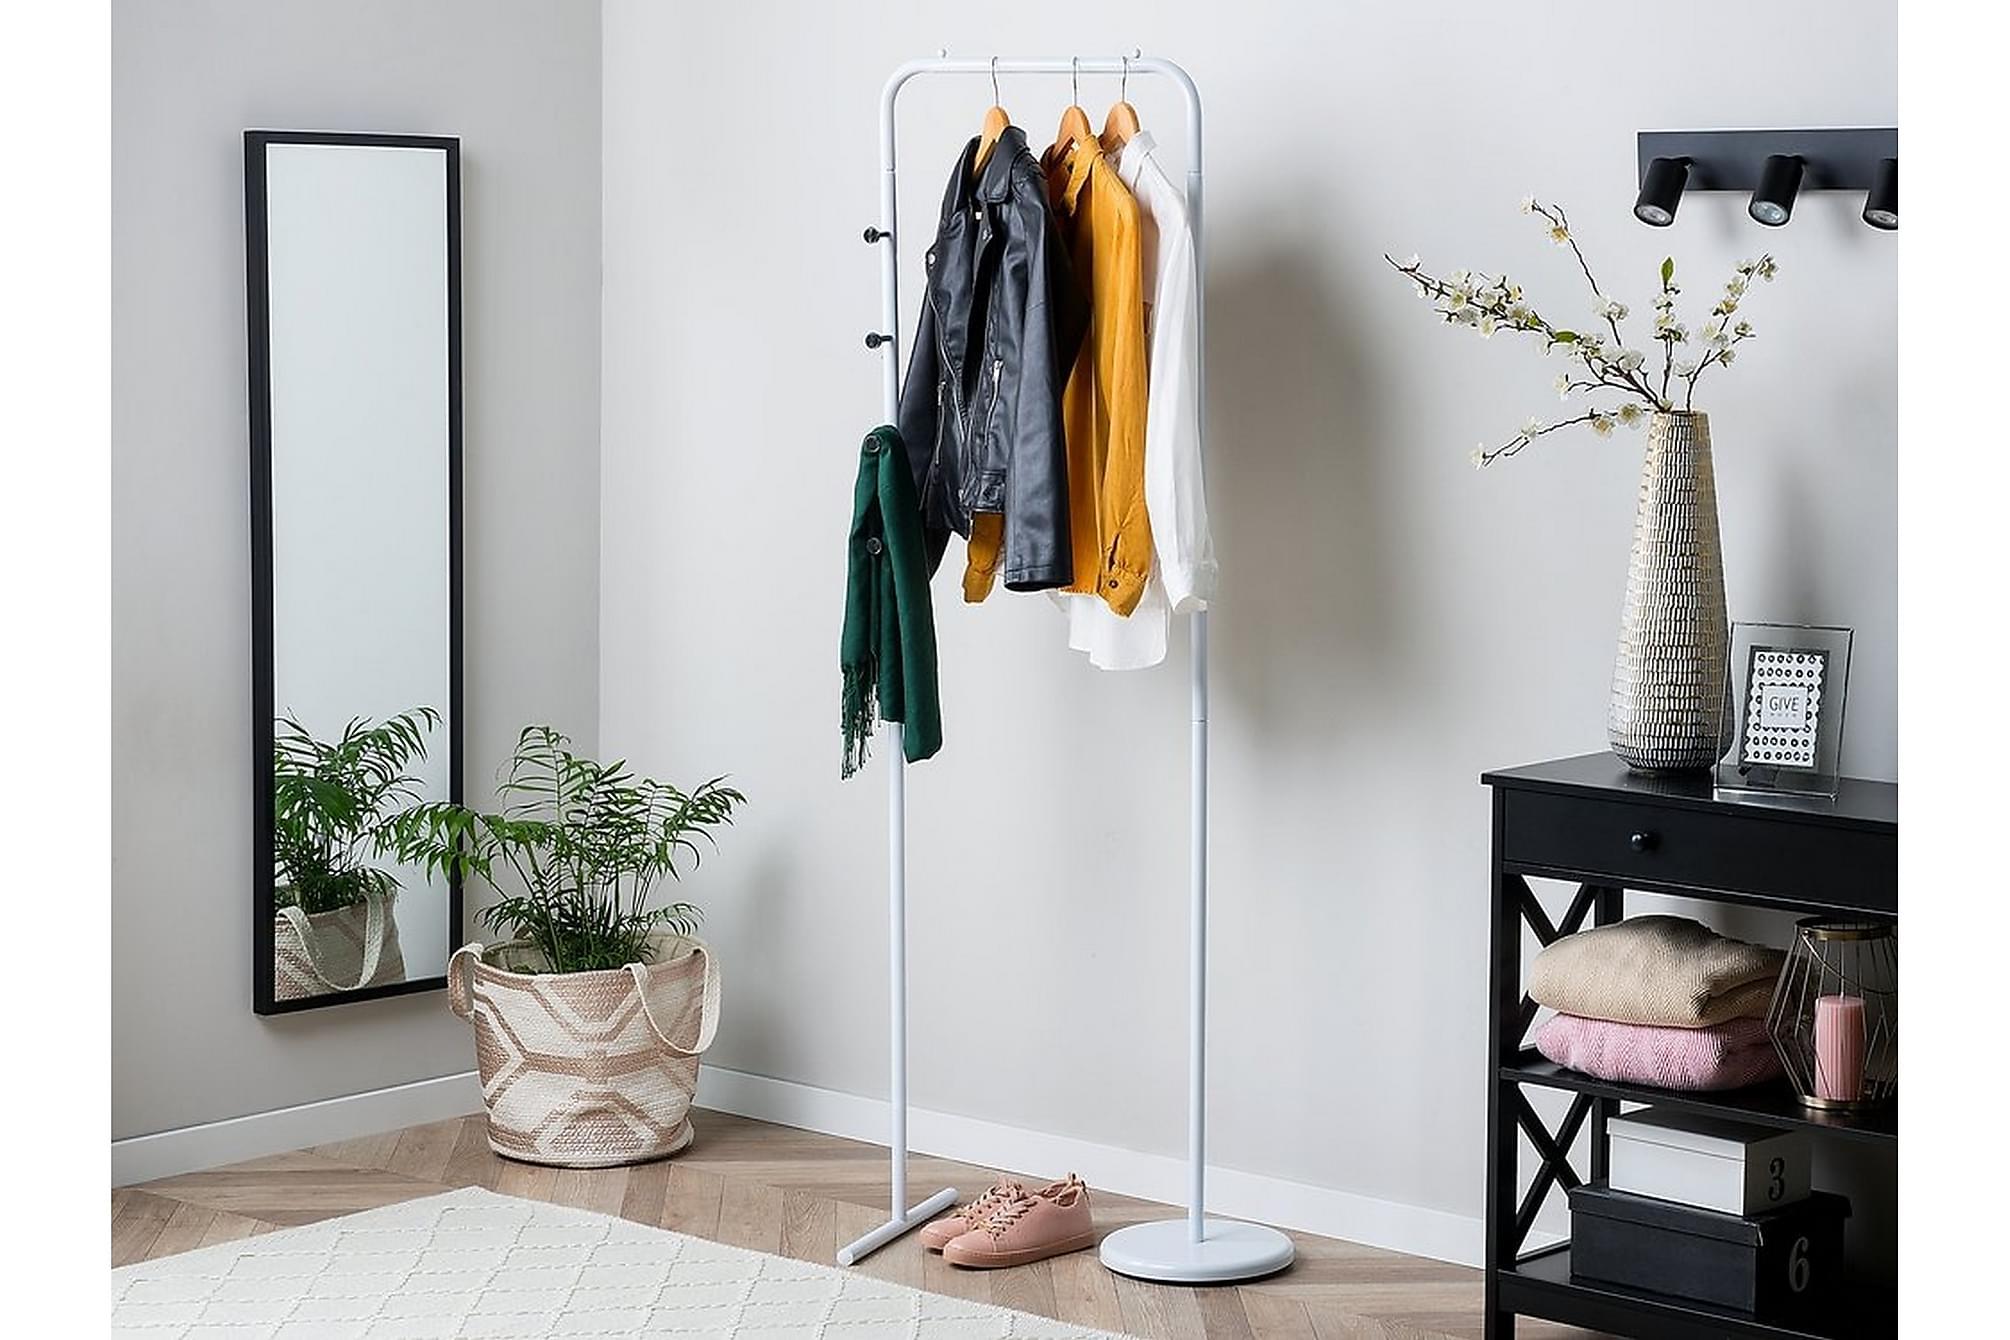 BENTON Klädställning 175 cm, Klädförvaringssystem